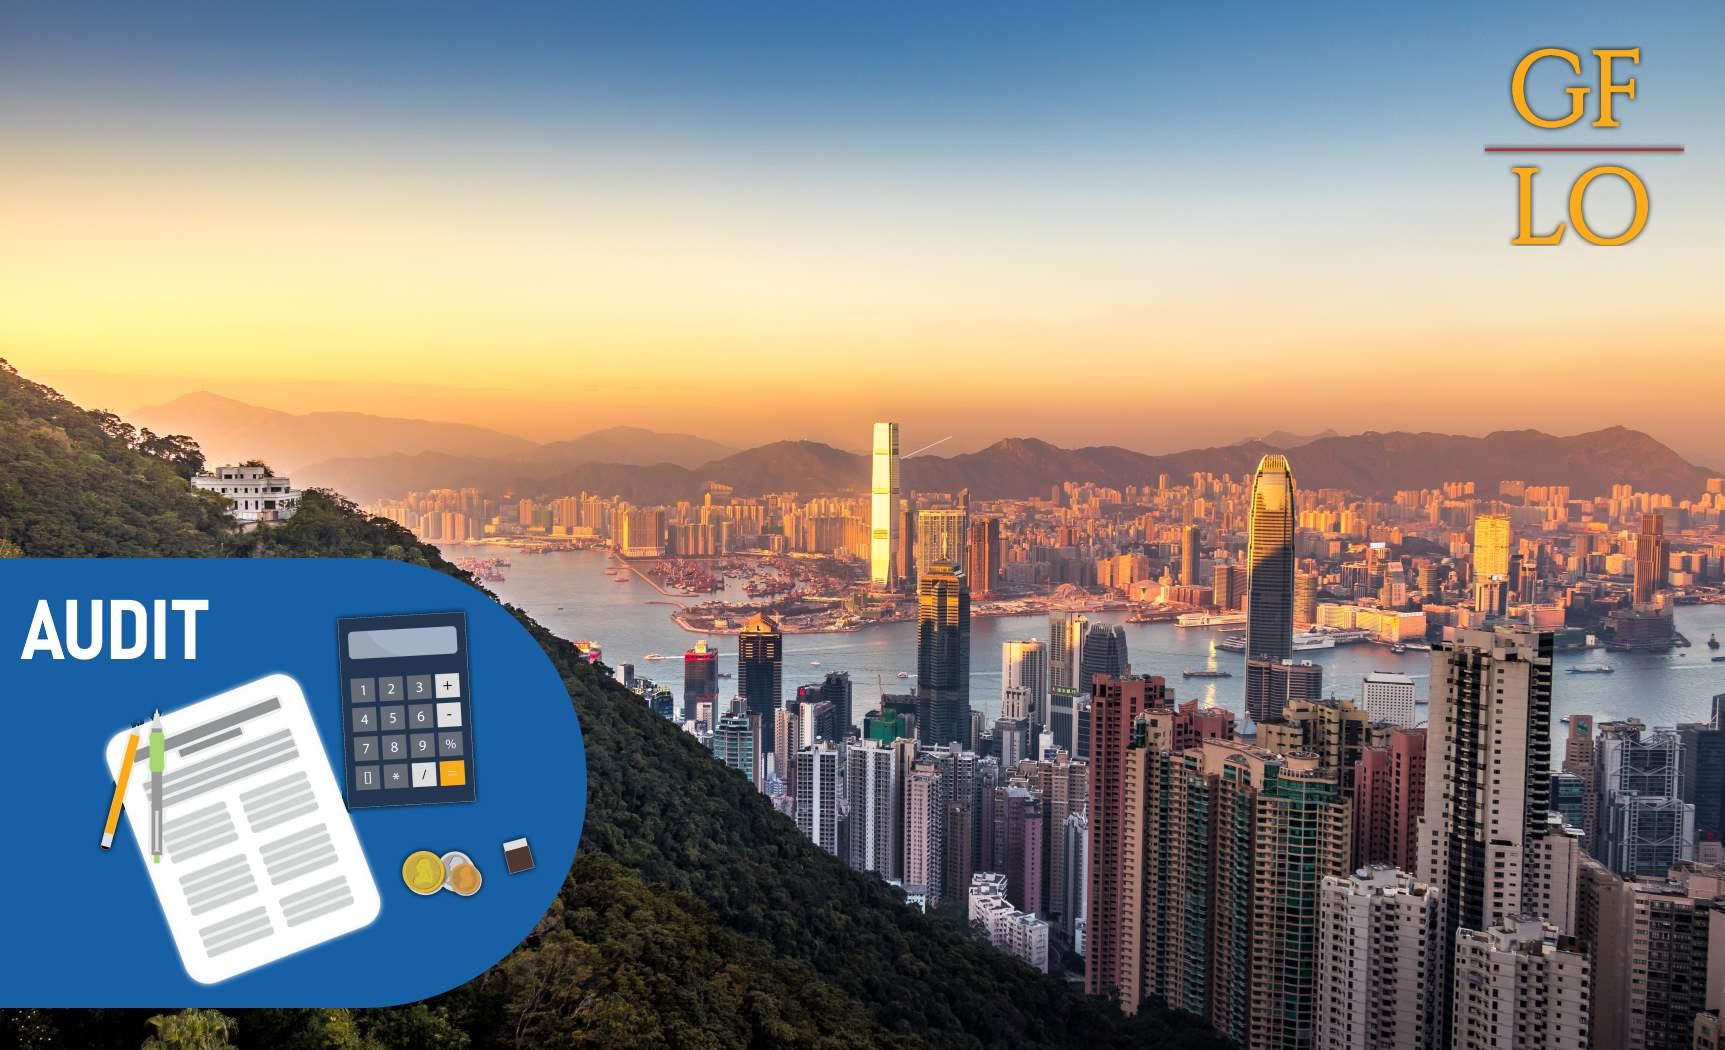 Аудит в Гонконге: что это и как проводится?